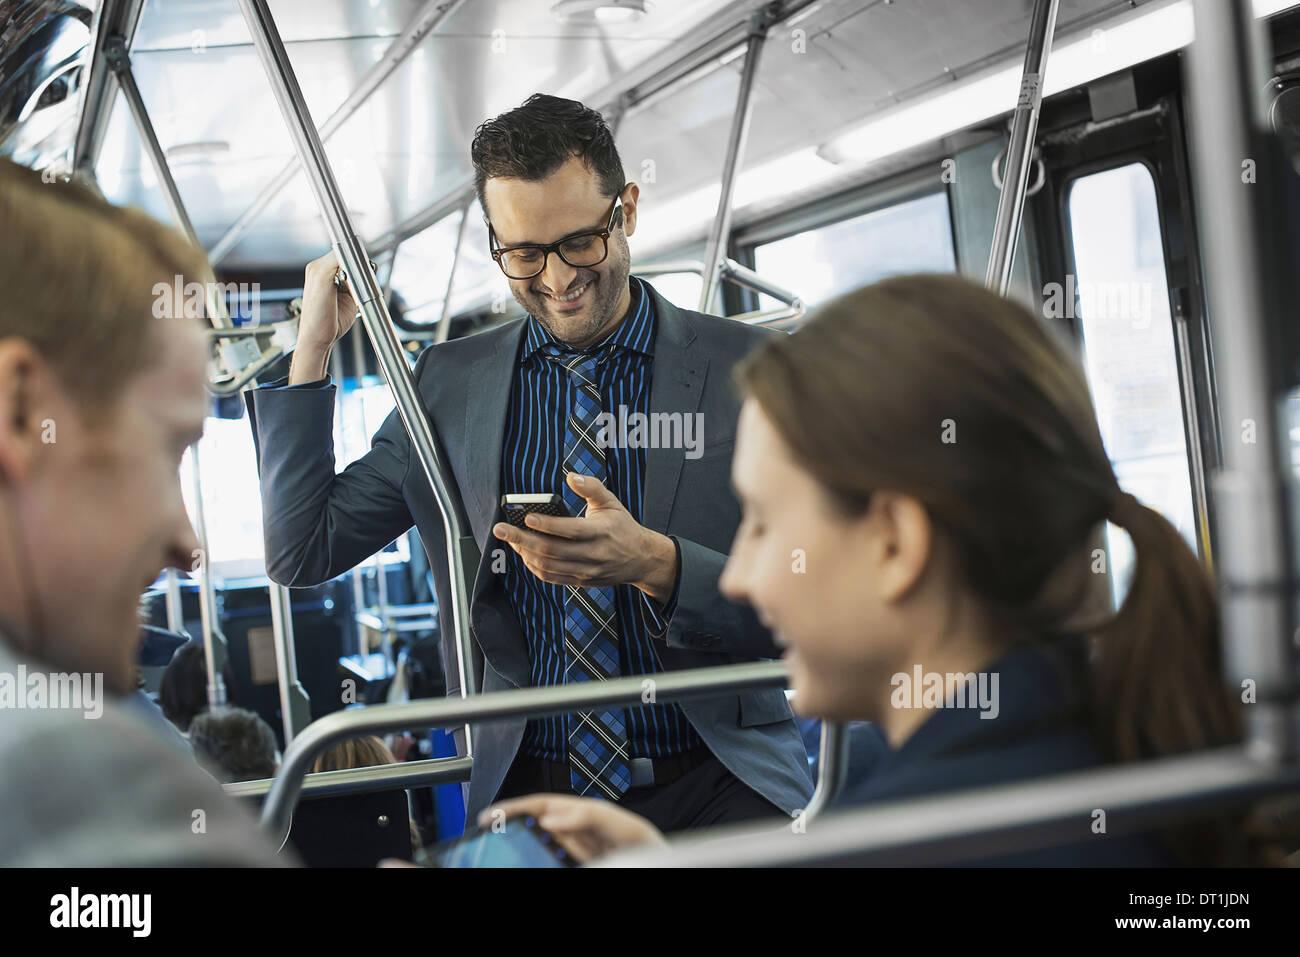 Tres personas en movimiento, dos hombres y una mujer en el bus Imagen De Stock